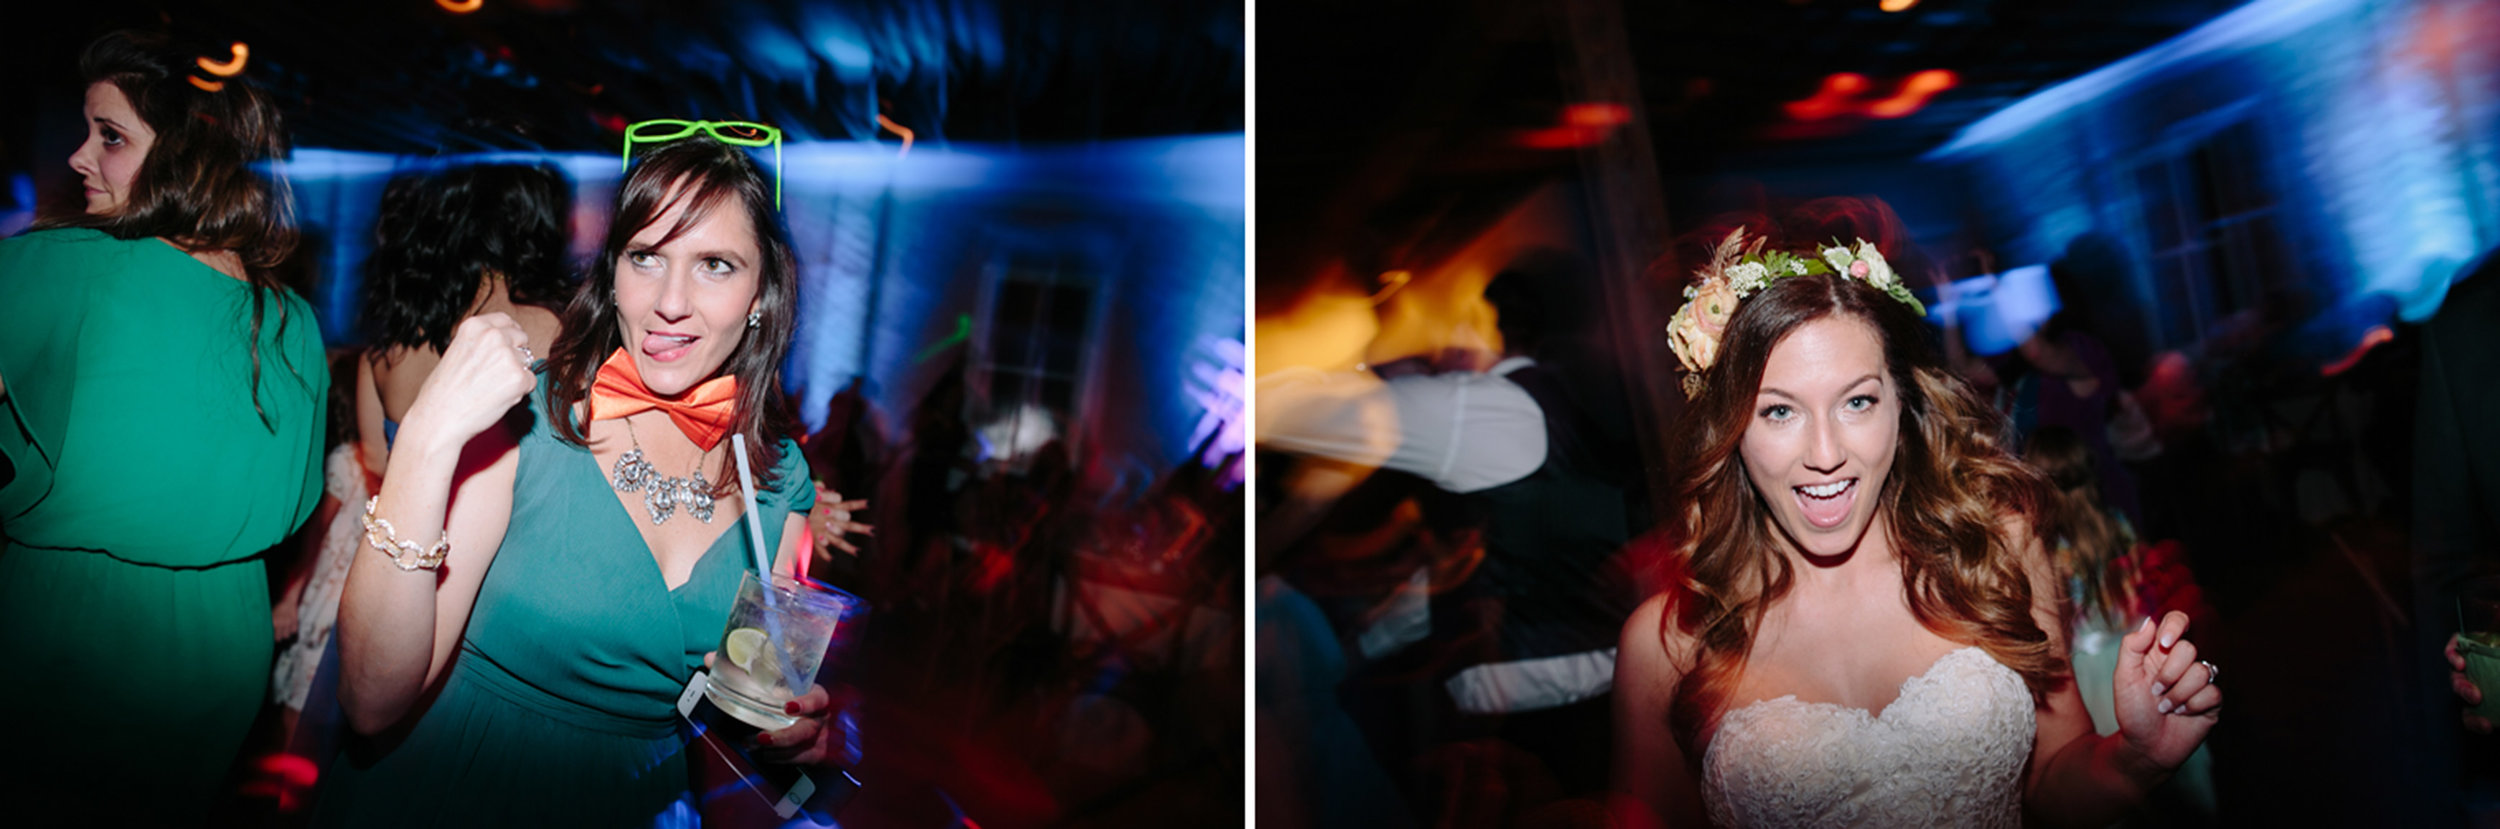 Austin_WeddingPhotographer037.jpg